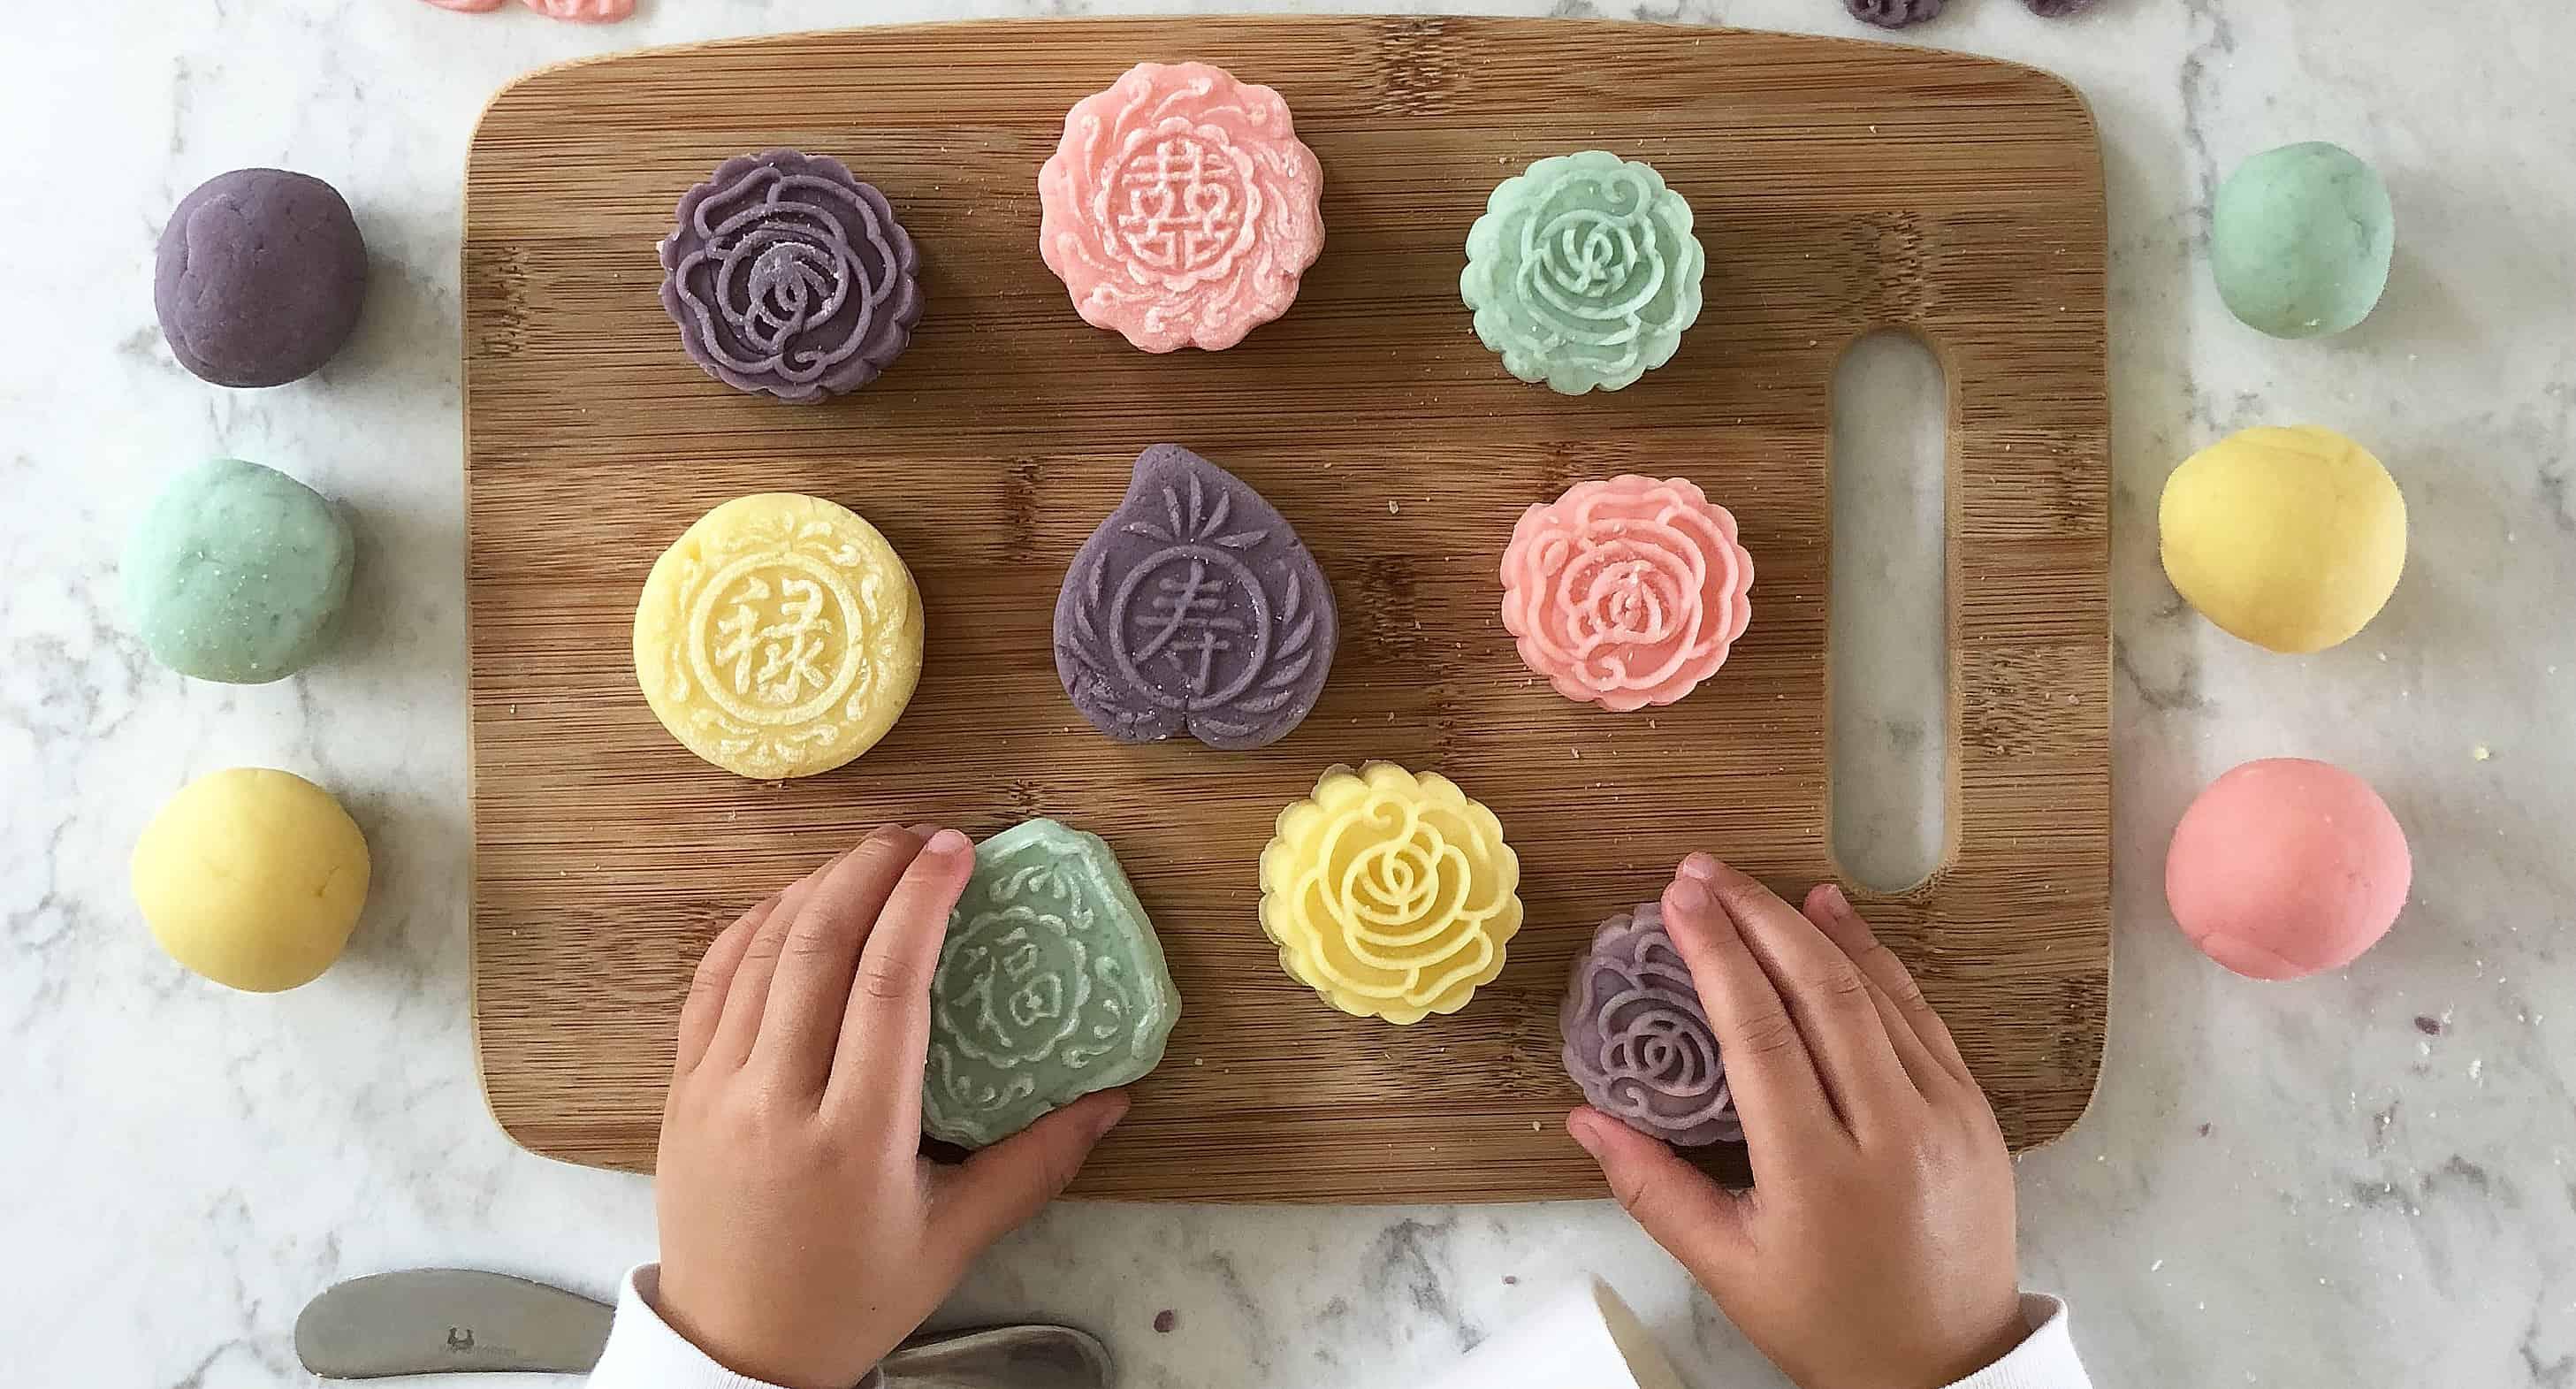 Playdough Mooncakes